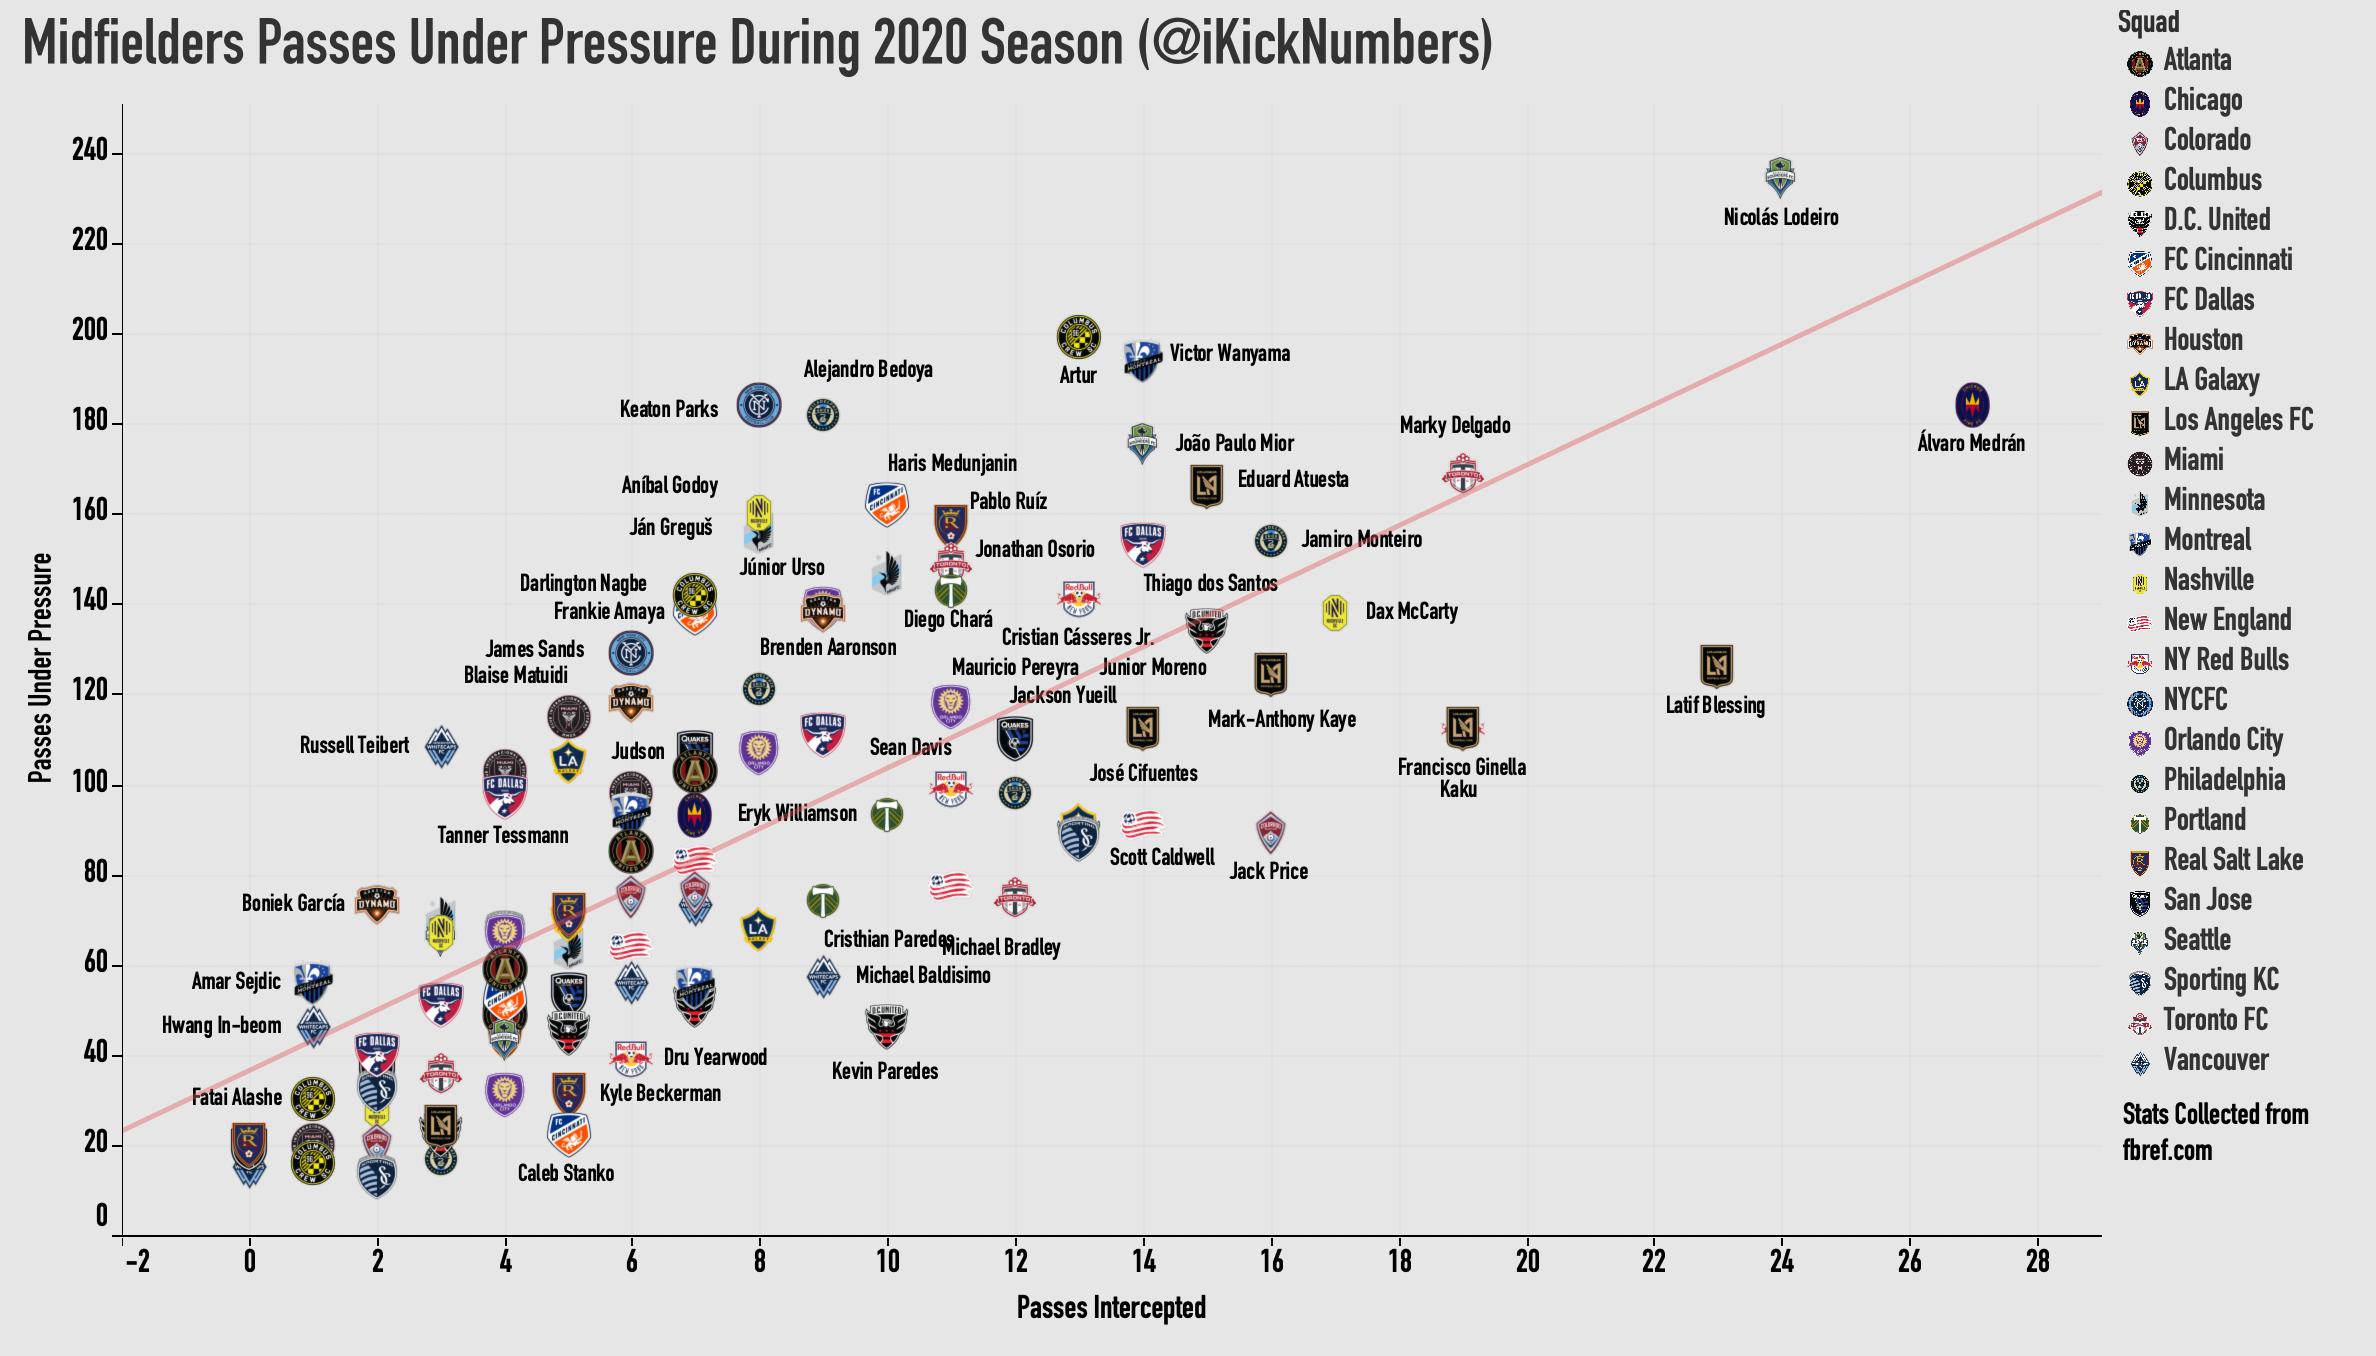 Passes-Under-Pressure-MF